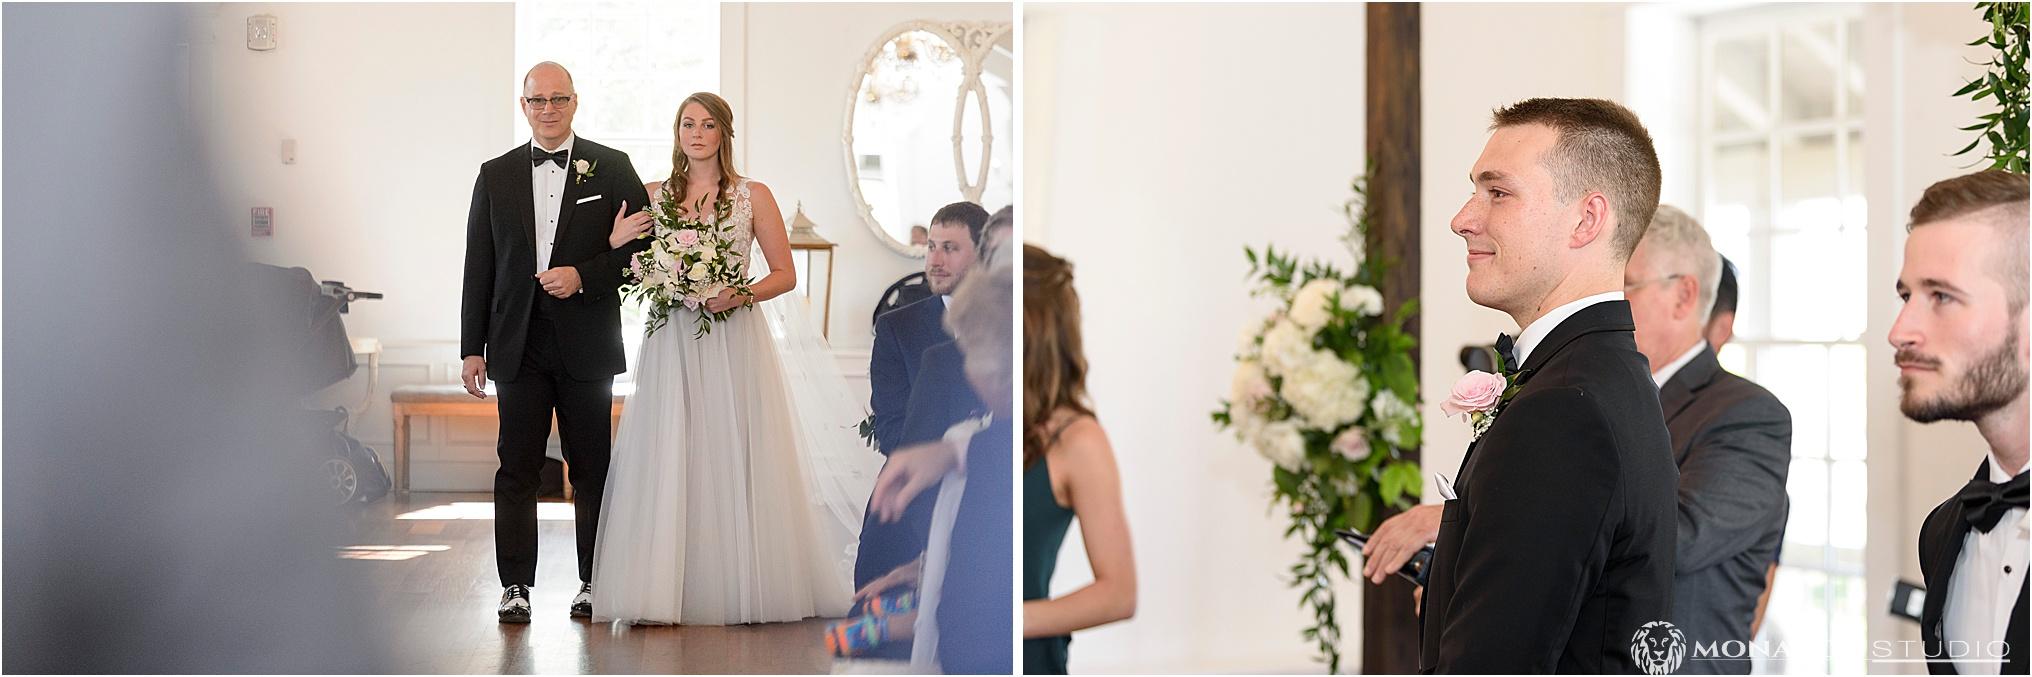 best-wedding-photographer-near-st-augustine-151.jpg